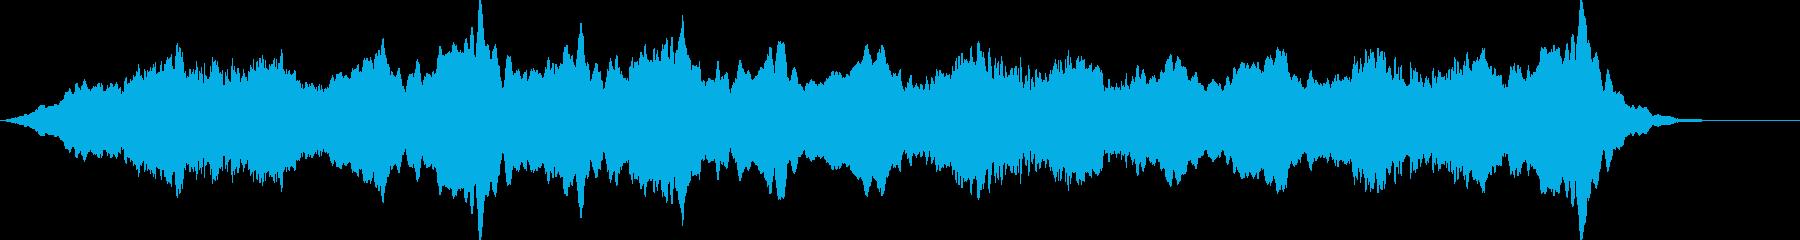 アトモスフィア FX_04 ambiの再生済みの波形